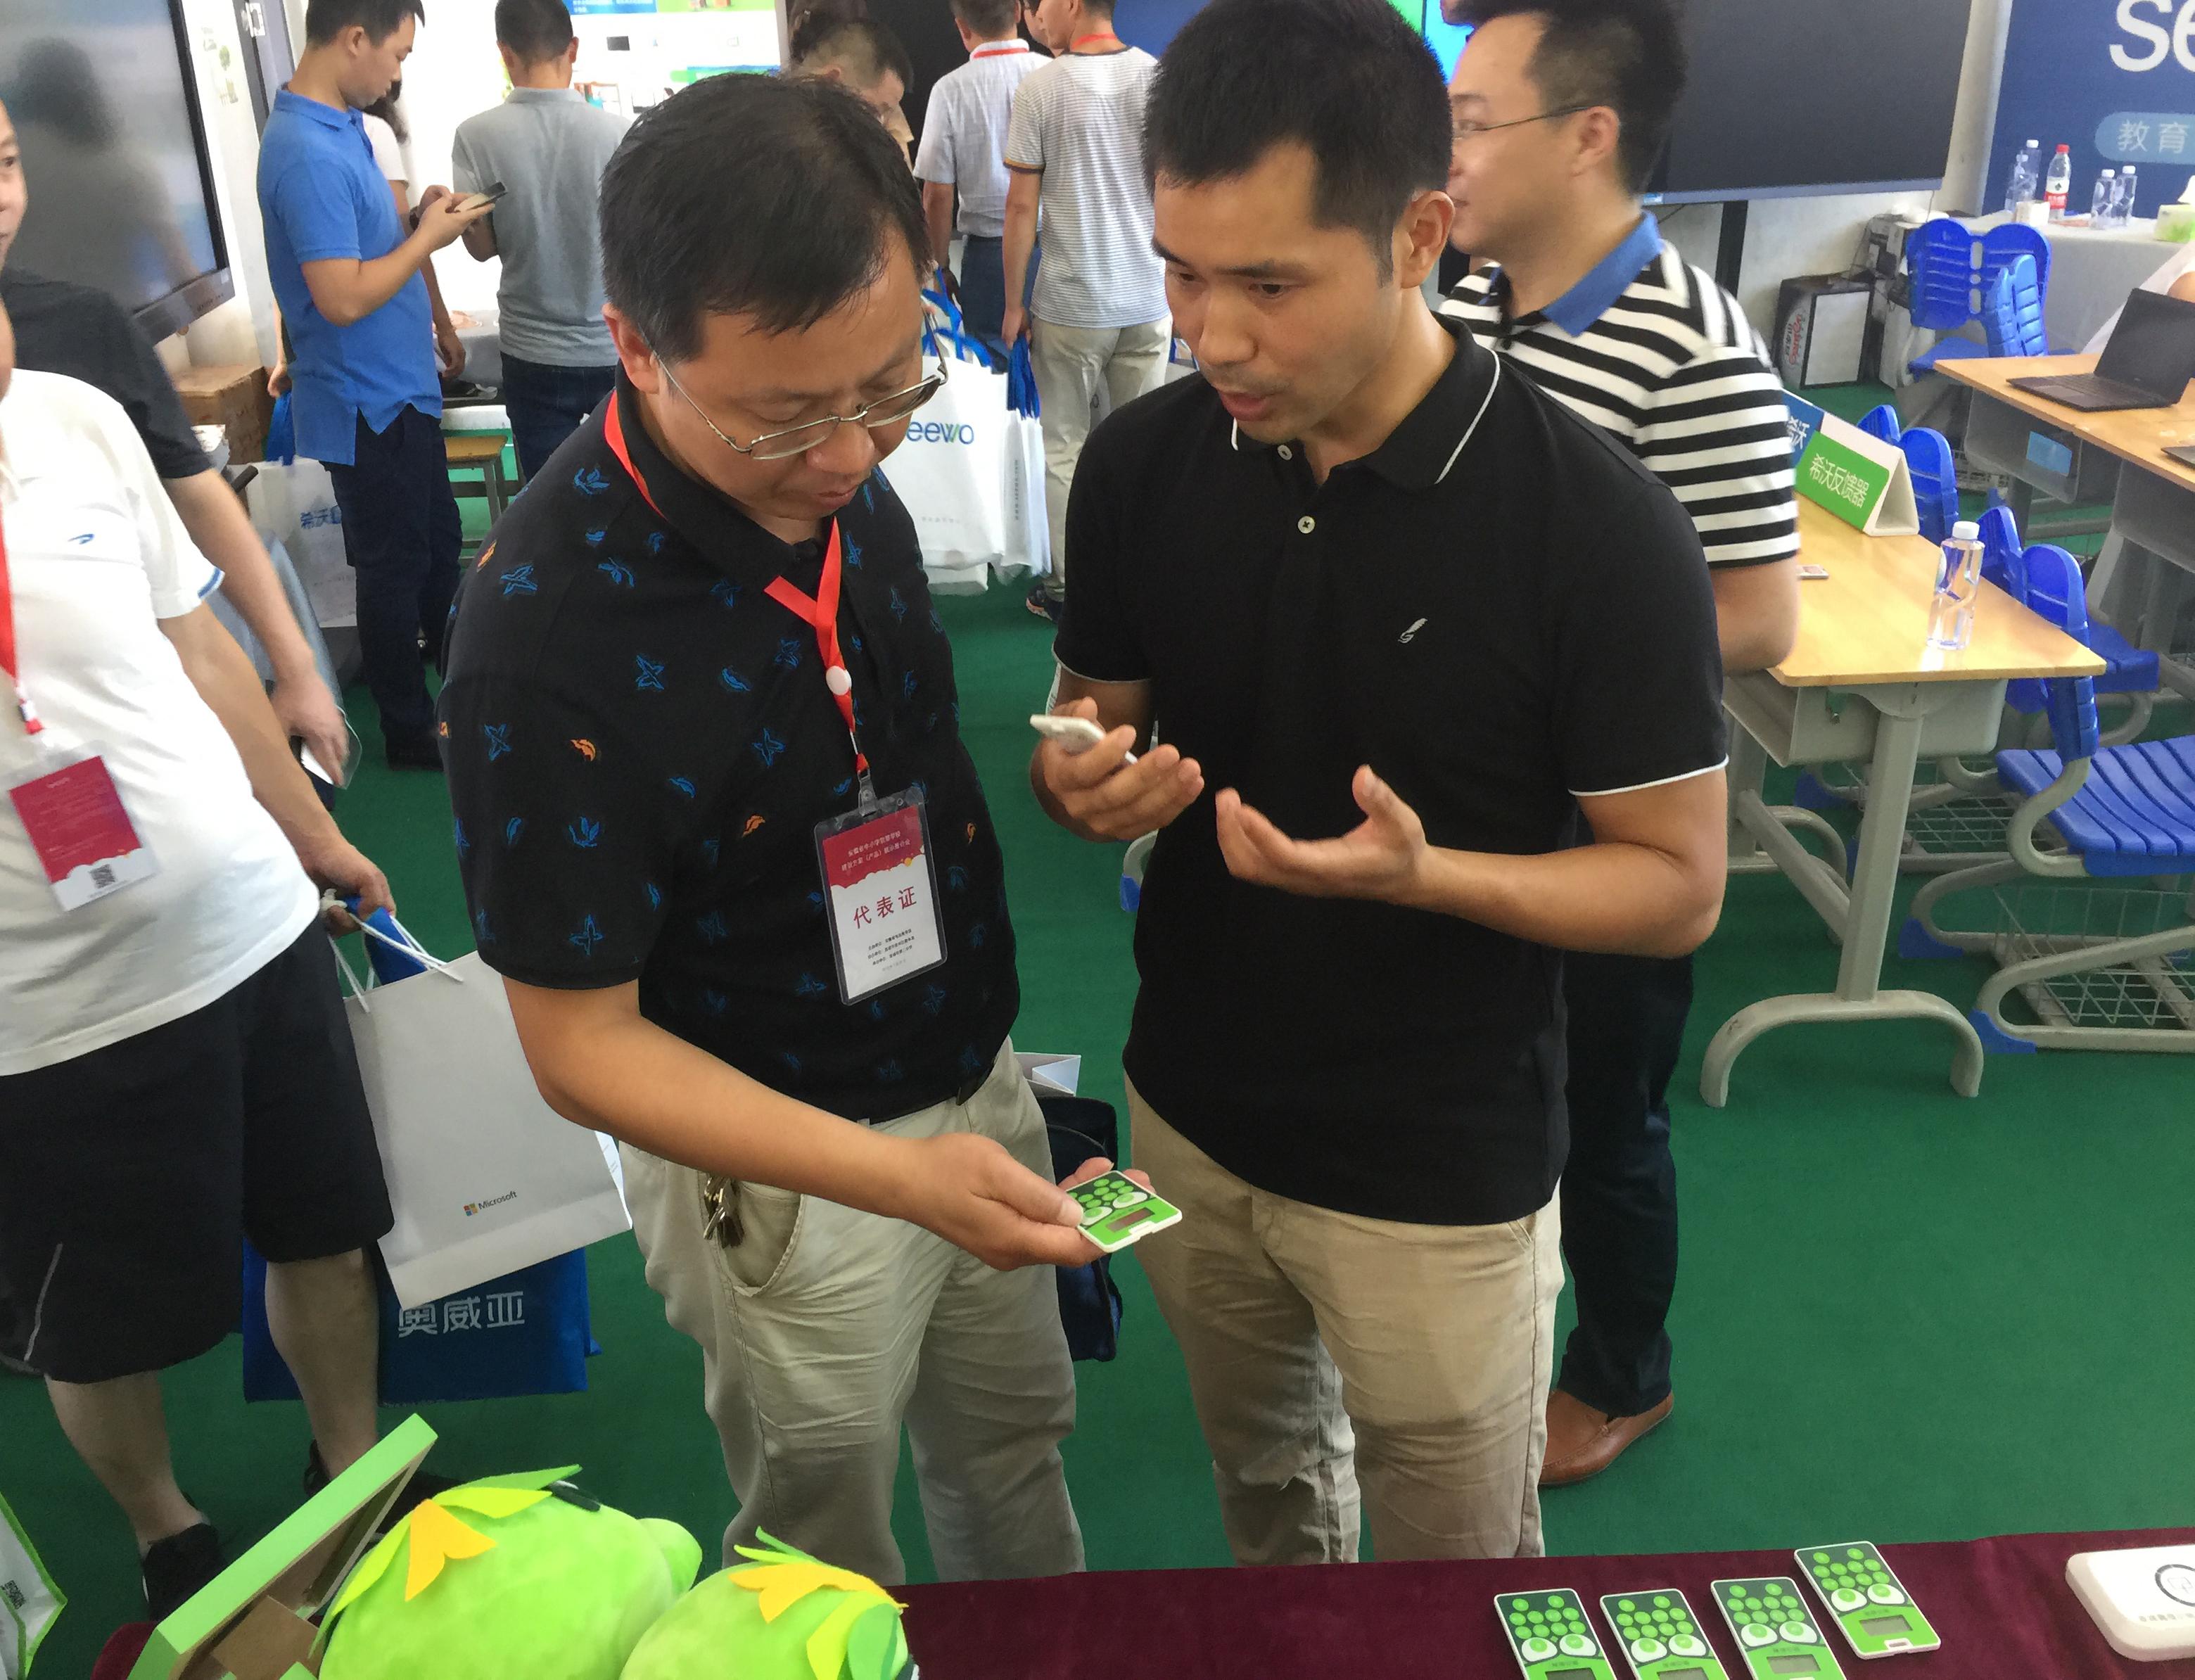 安徽省休宁县教育局副局长郑向东参观焦点智慧课堂产品